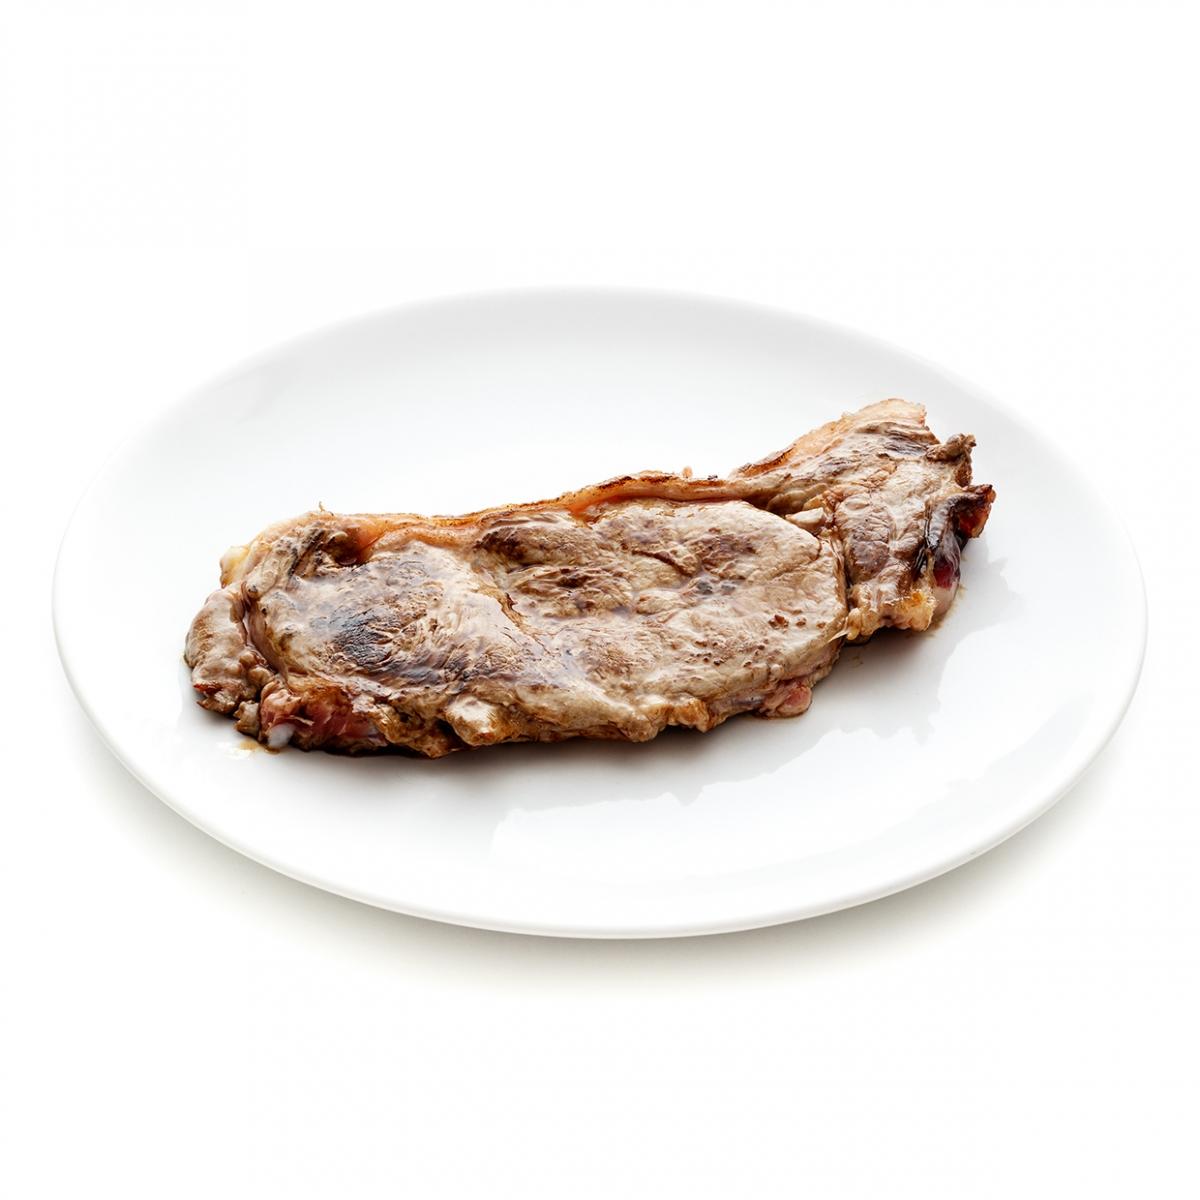 Imagen en la que se ve un plato con un filete de carne cocinado